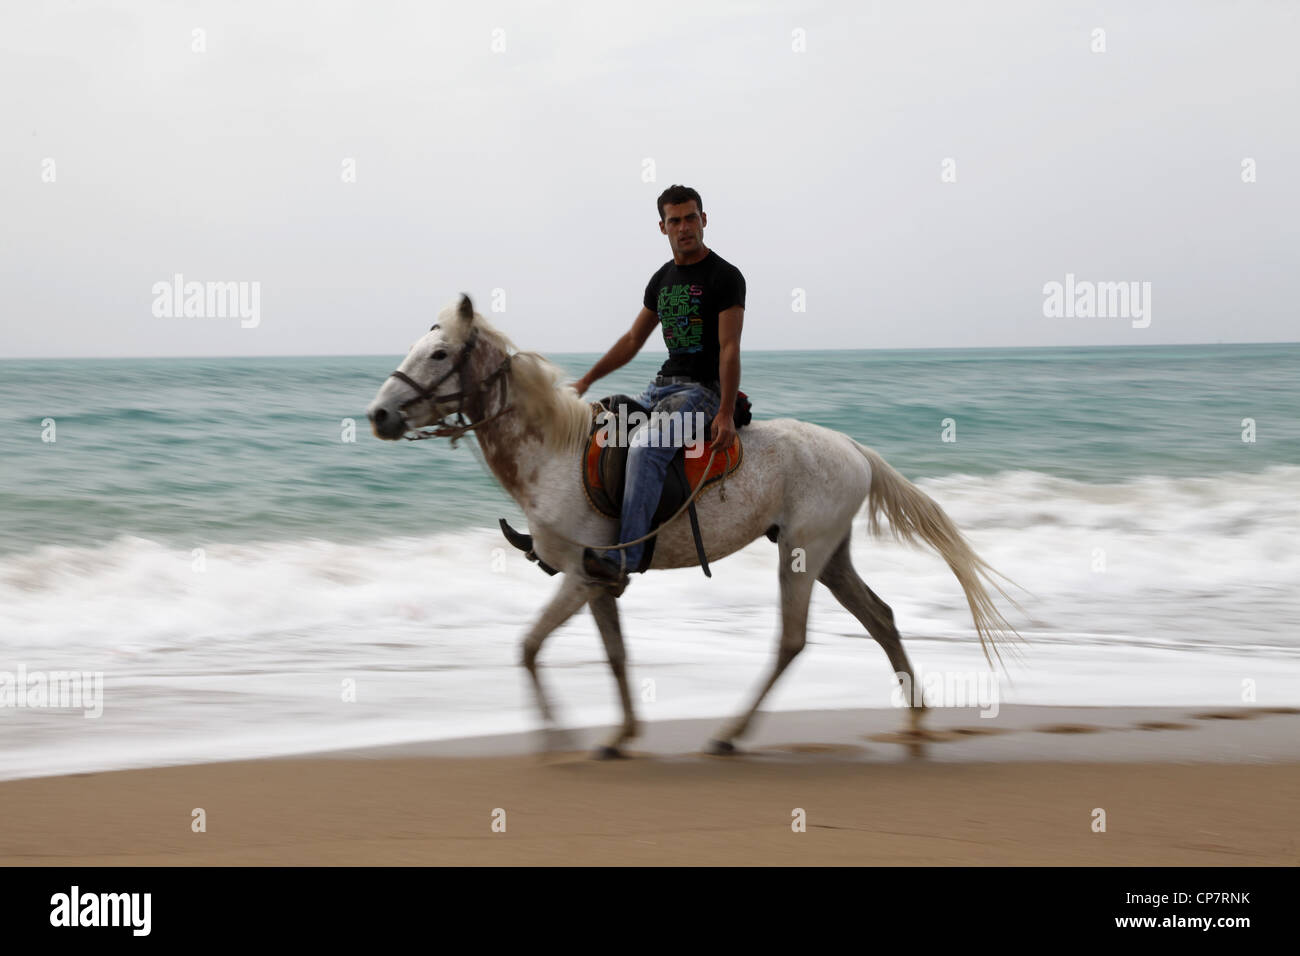 L'uomo sul cavallo bianco costa mediterranea Side Turchia 15 Aprile 2012 Immagini Stock